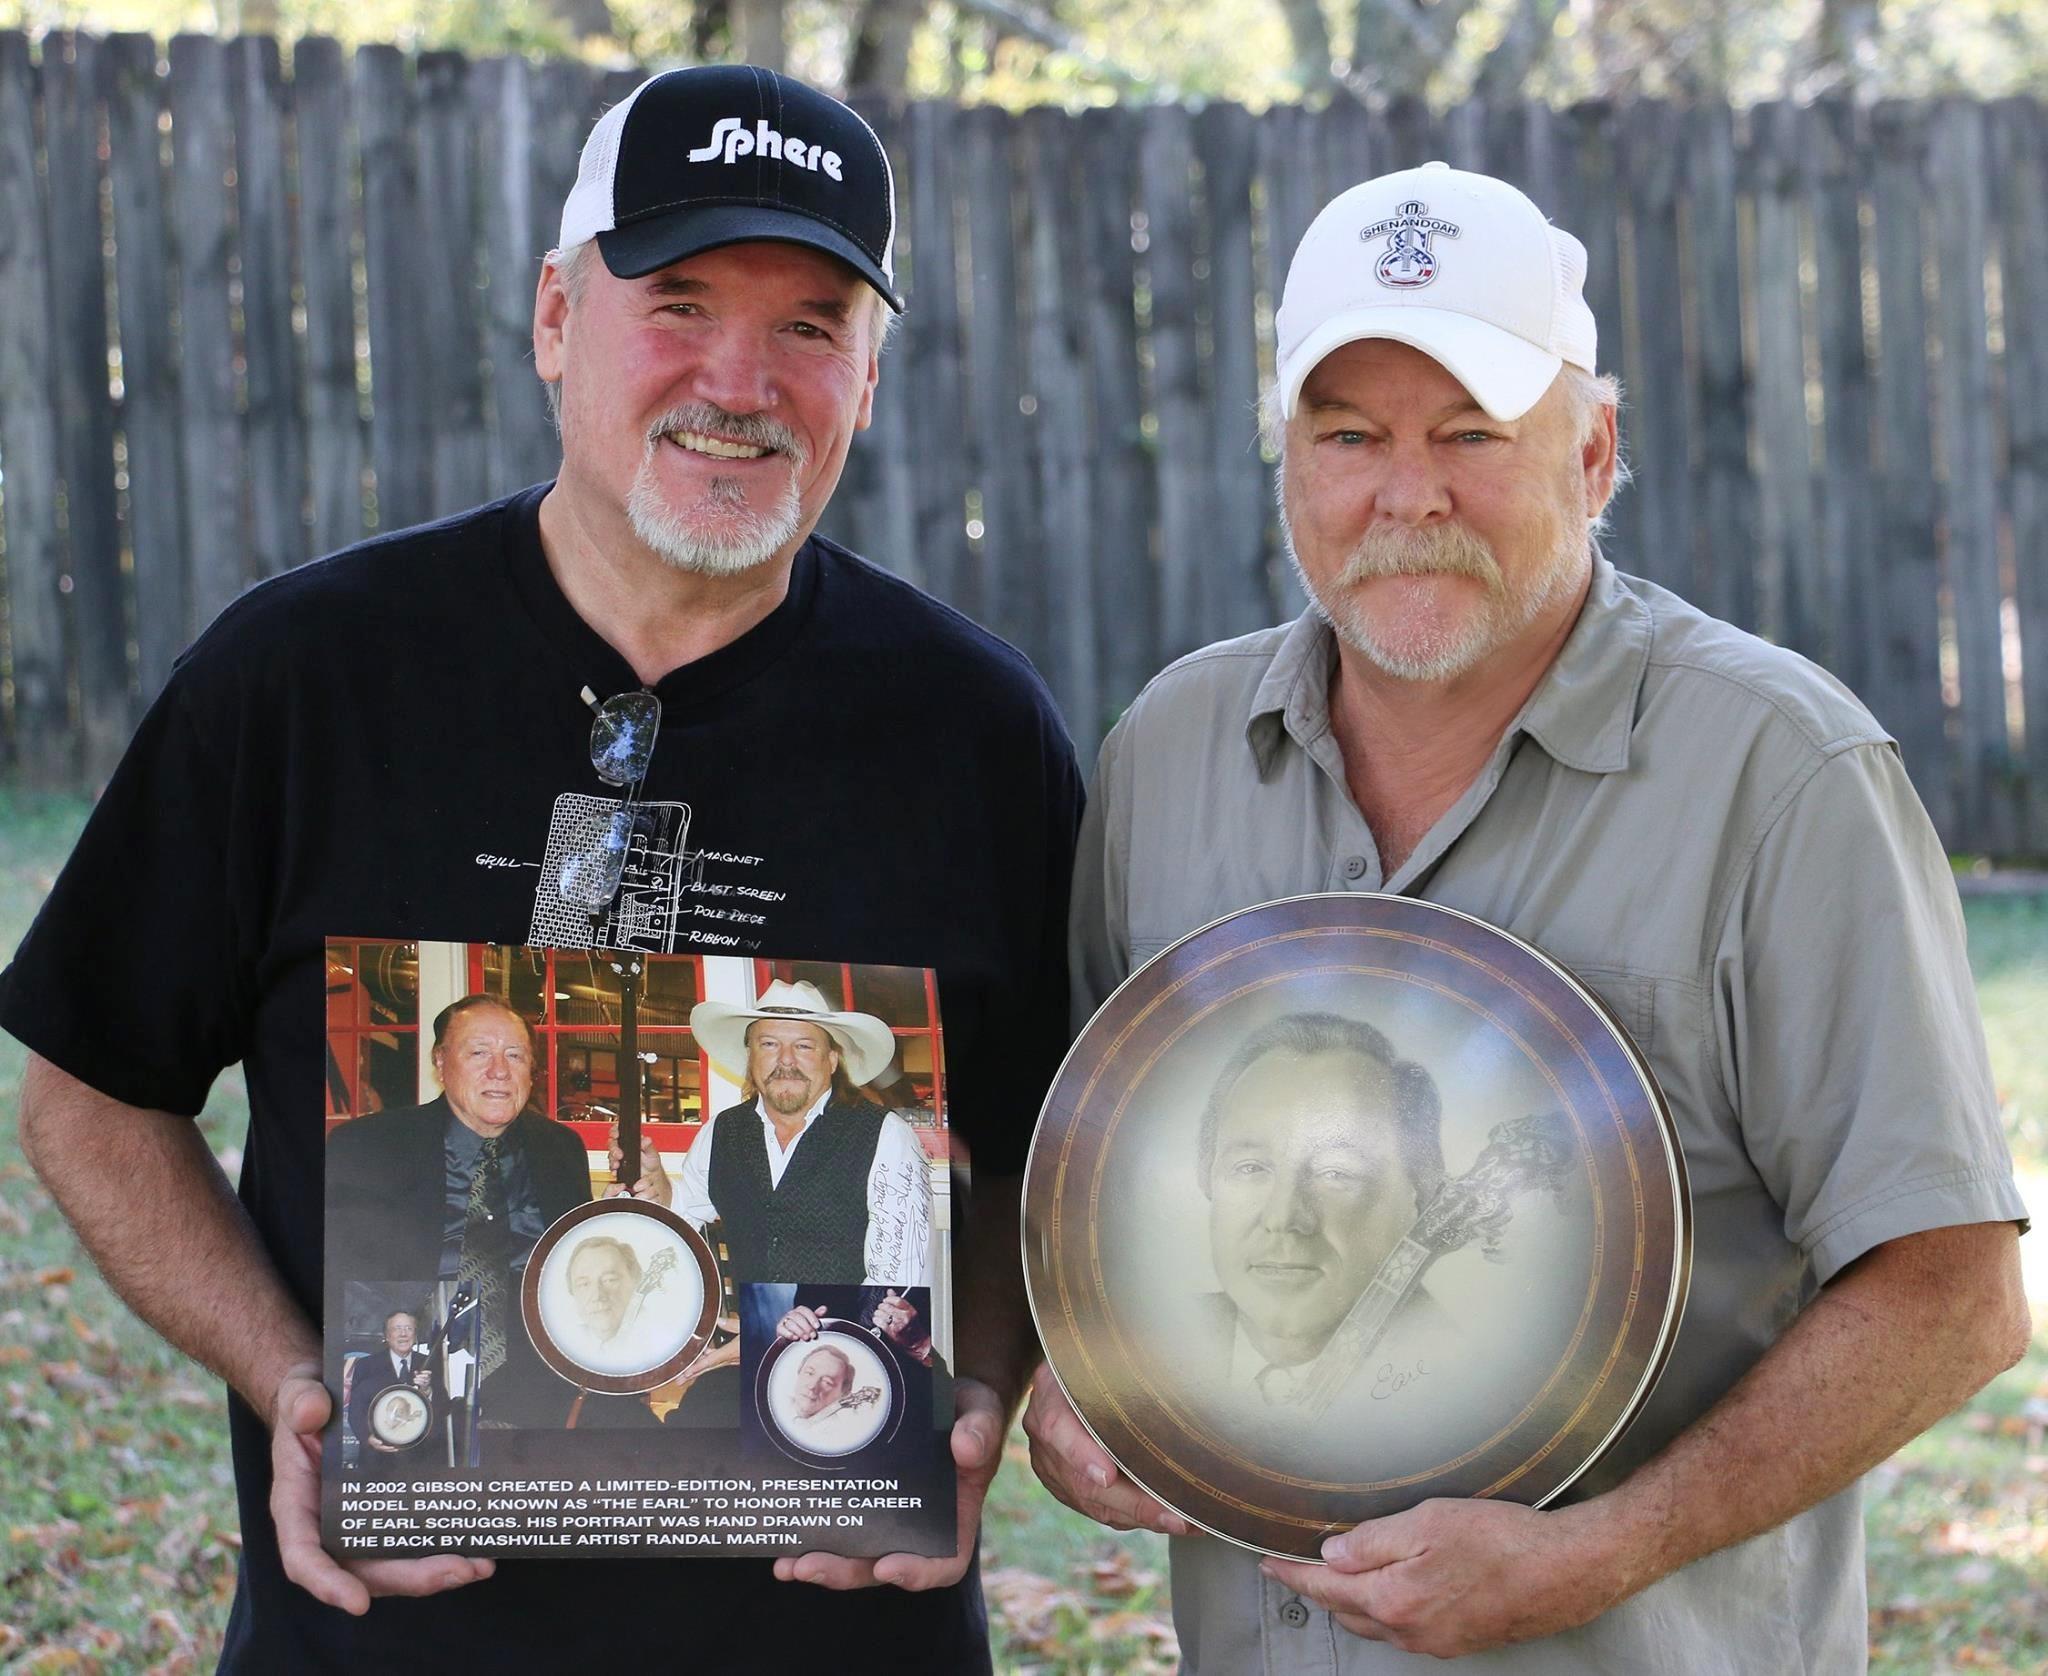 Tony & Randy